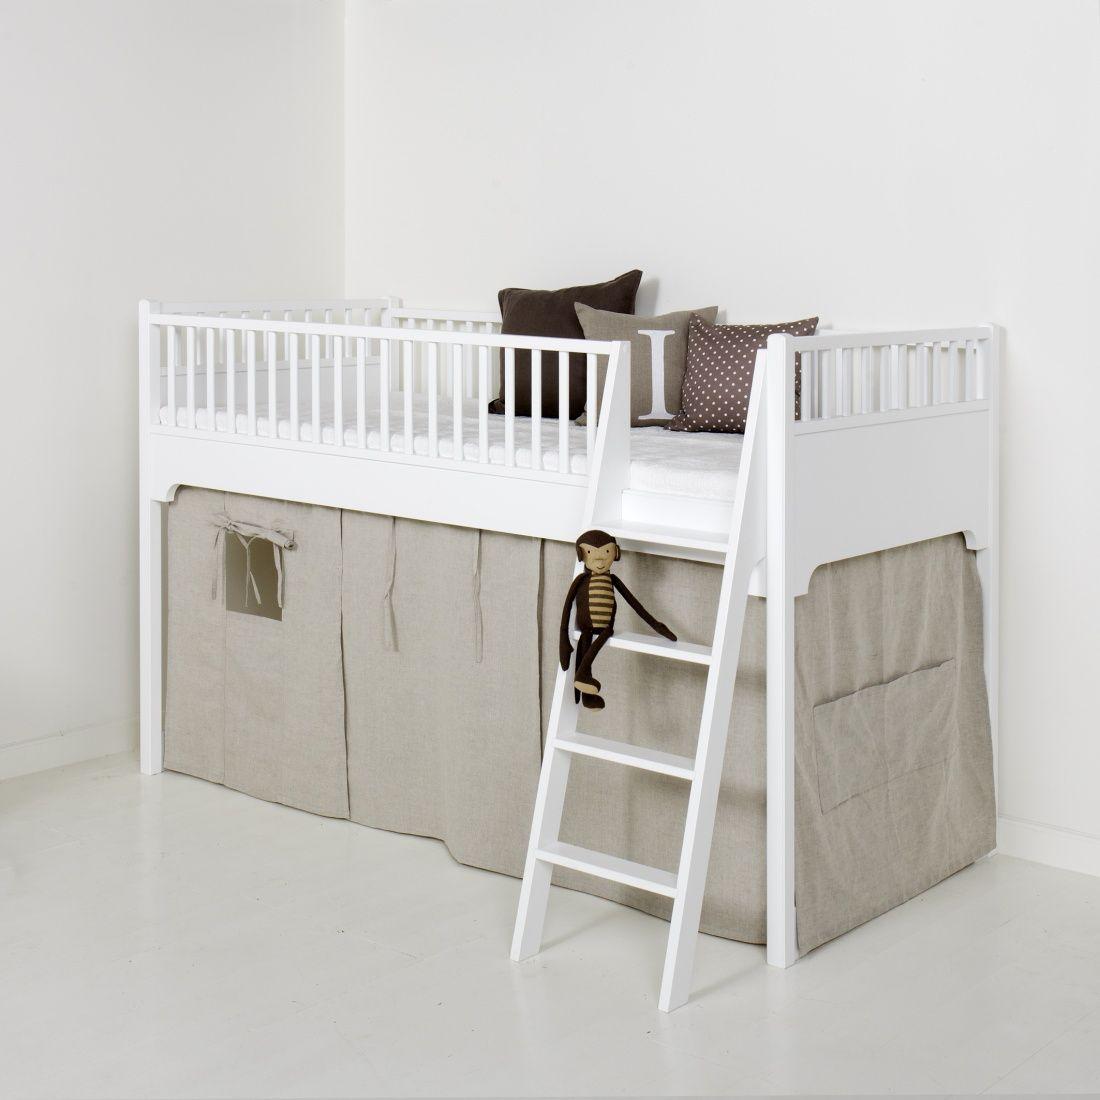 Rideau pour Lit mezzanine mi-hauteur Seaside | Deco | Pinterest